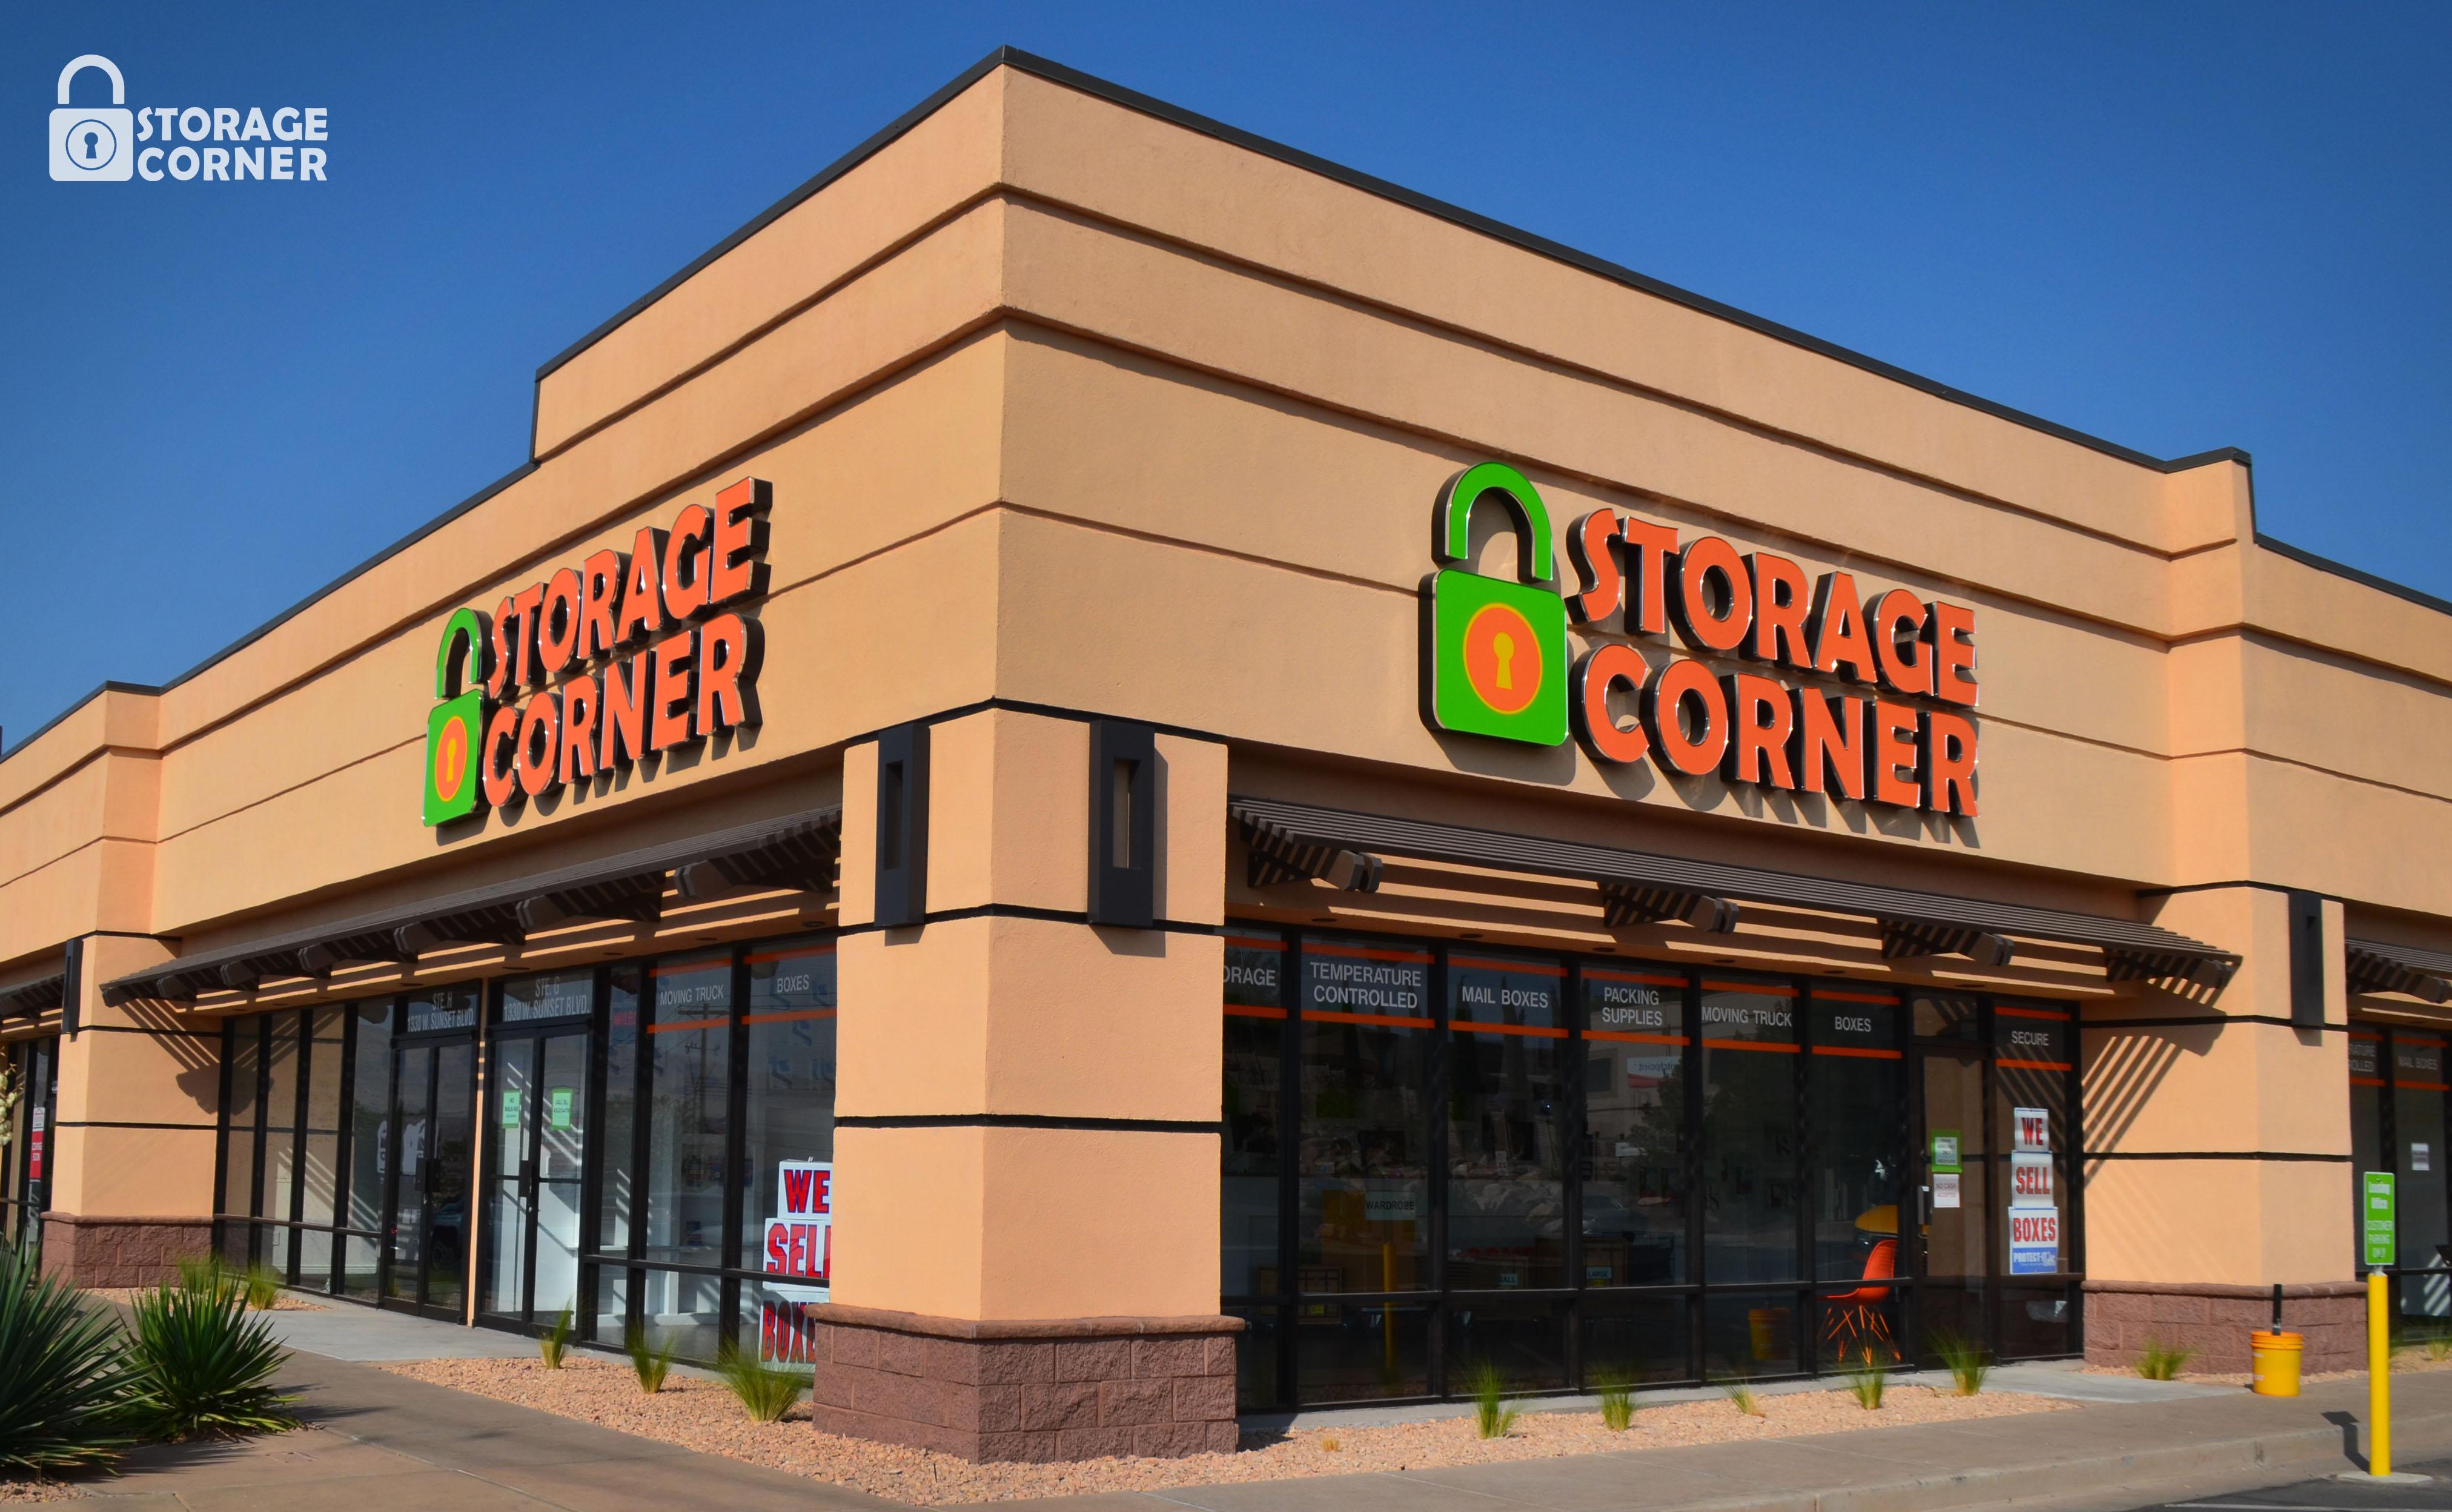 Storage Corner